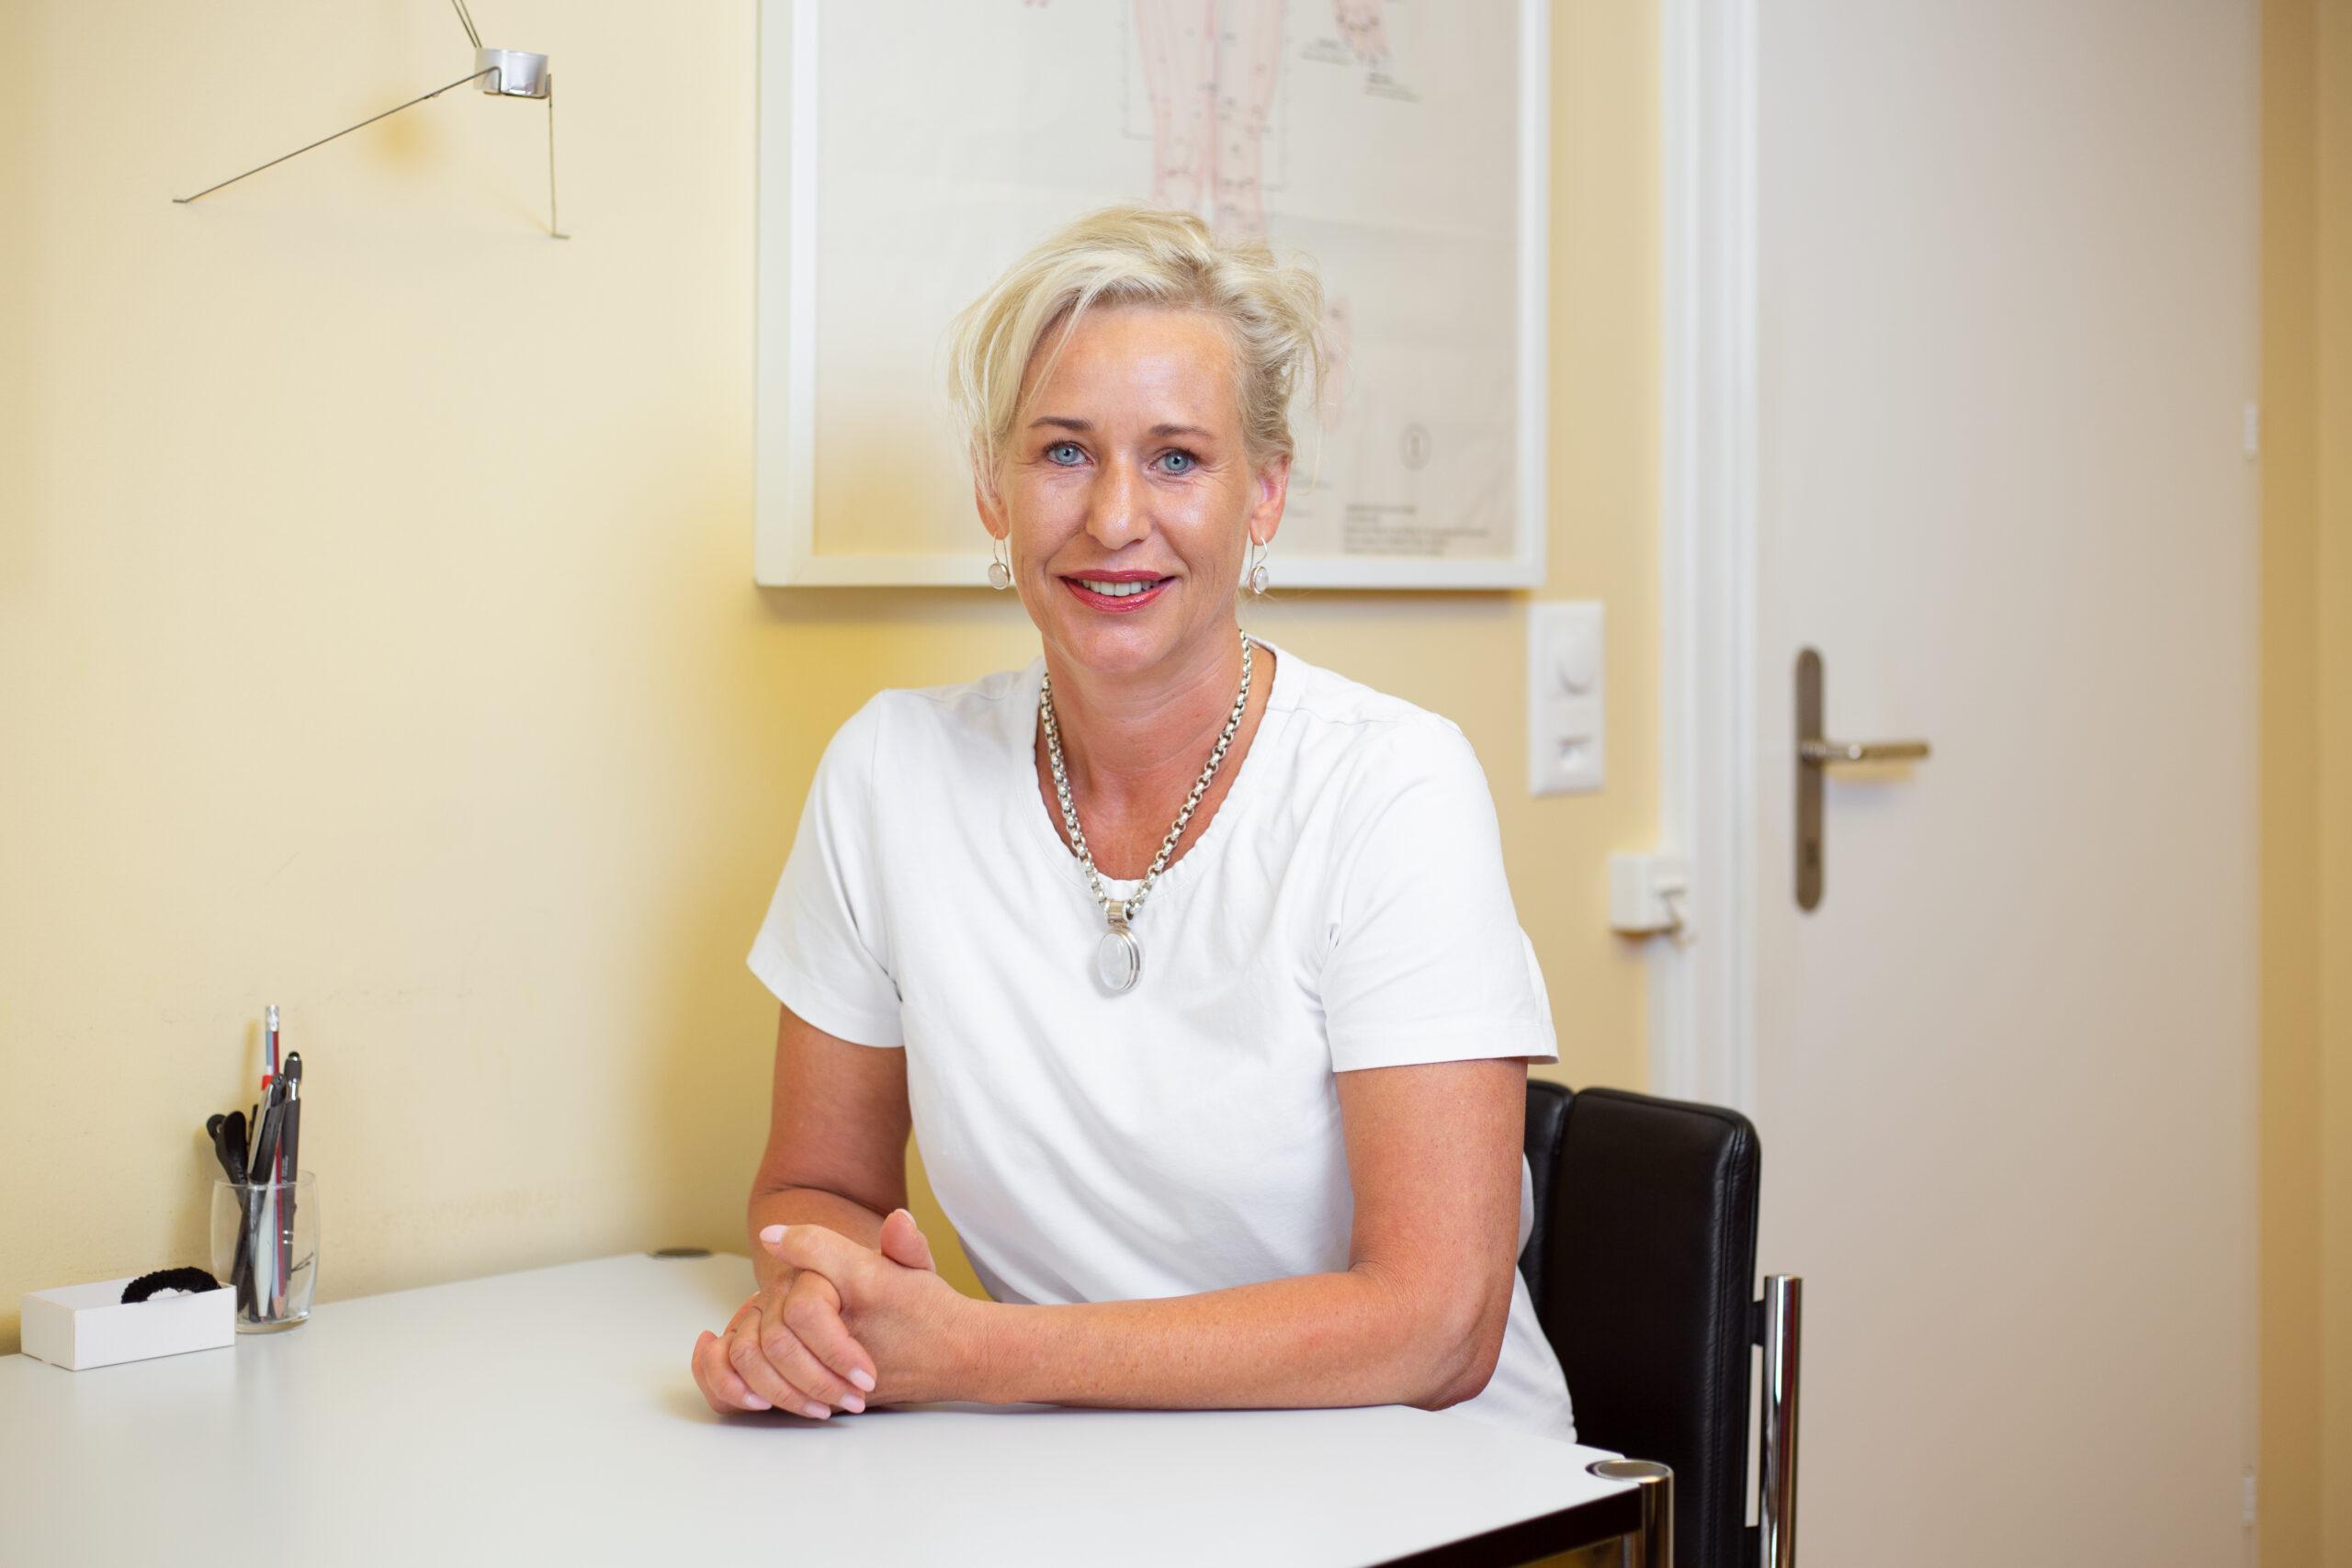 TCM-Gynäkologin Brigitte Weber sitzt an einem Tisch vor einer gelben Wand in ihrer Praxis.